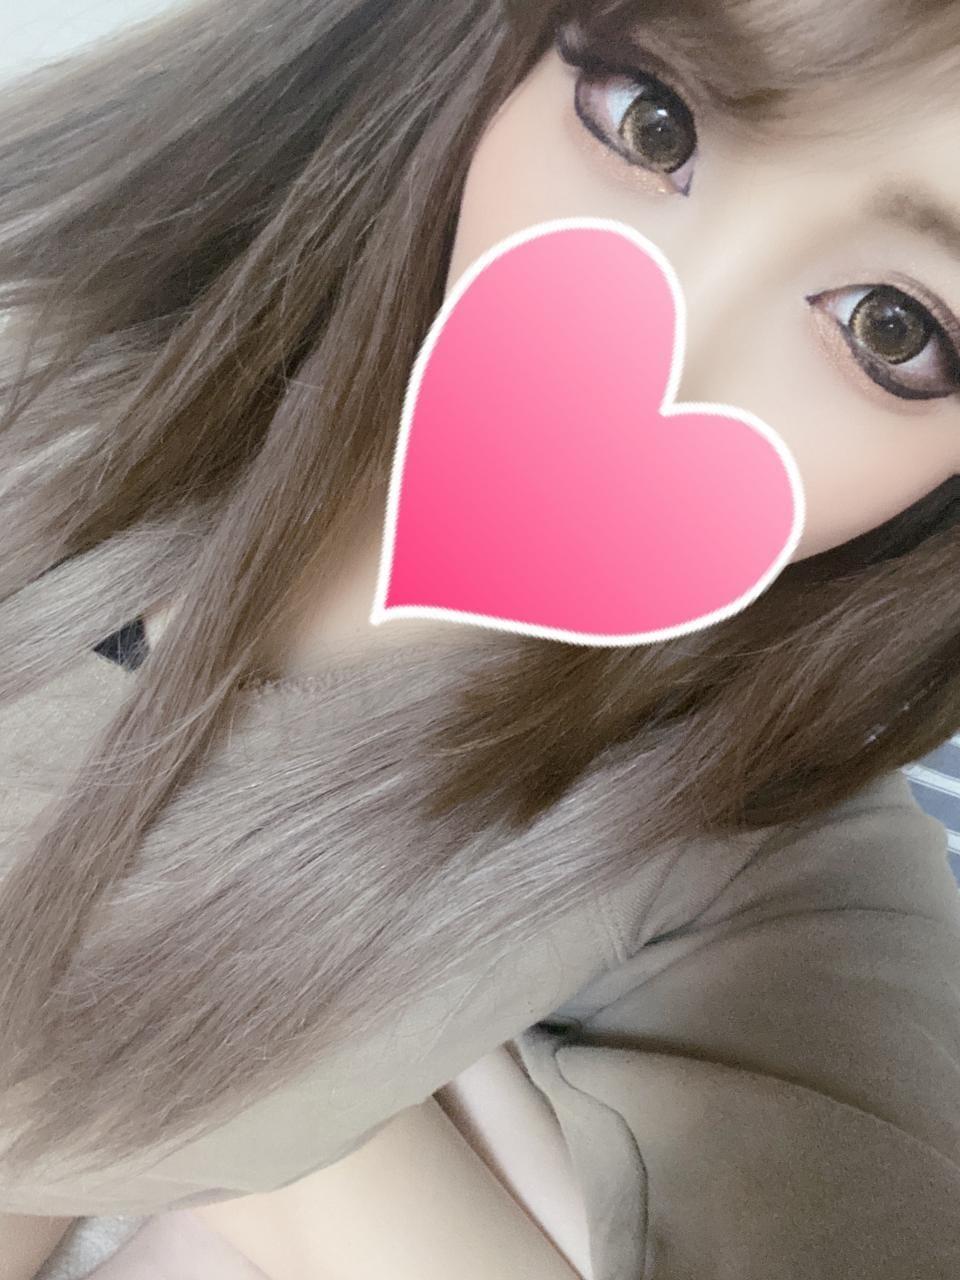 「ムーンライト」03/29(03/29) 16:48 | ☆ちひろ(21)☆の写メ・風俗動画